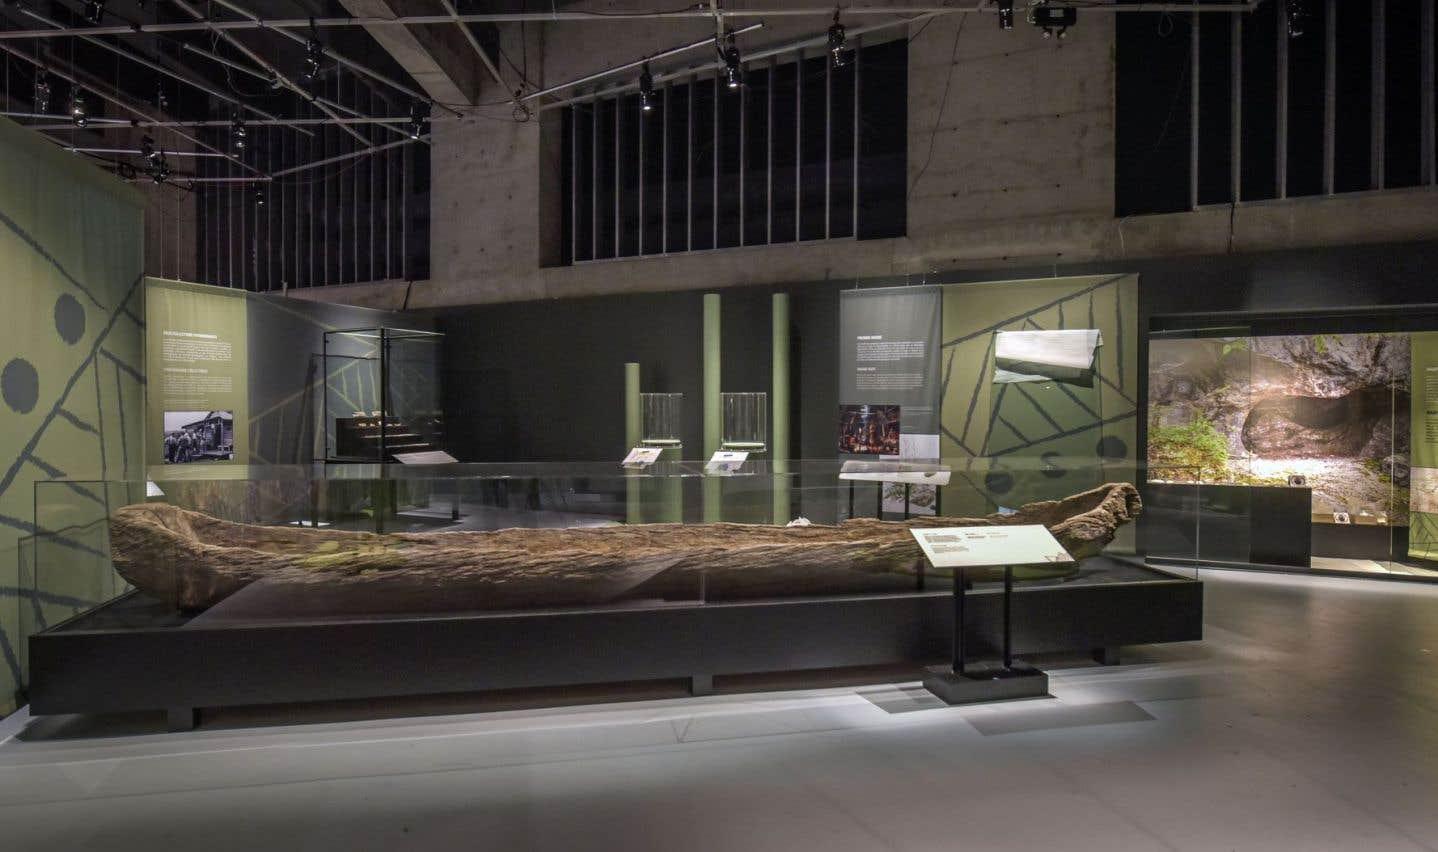 «Une pièce maîtresse de l'exposition est certainement cette immense pirogue du XVesiècle qui a passé cinq siècles sous l'eau, prêtée par le musée québécois d'archéologie Pointe-du-Buisson», affirme Francine Lelièvre, directrice générale de Pointe-à-Callière.